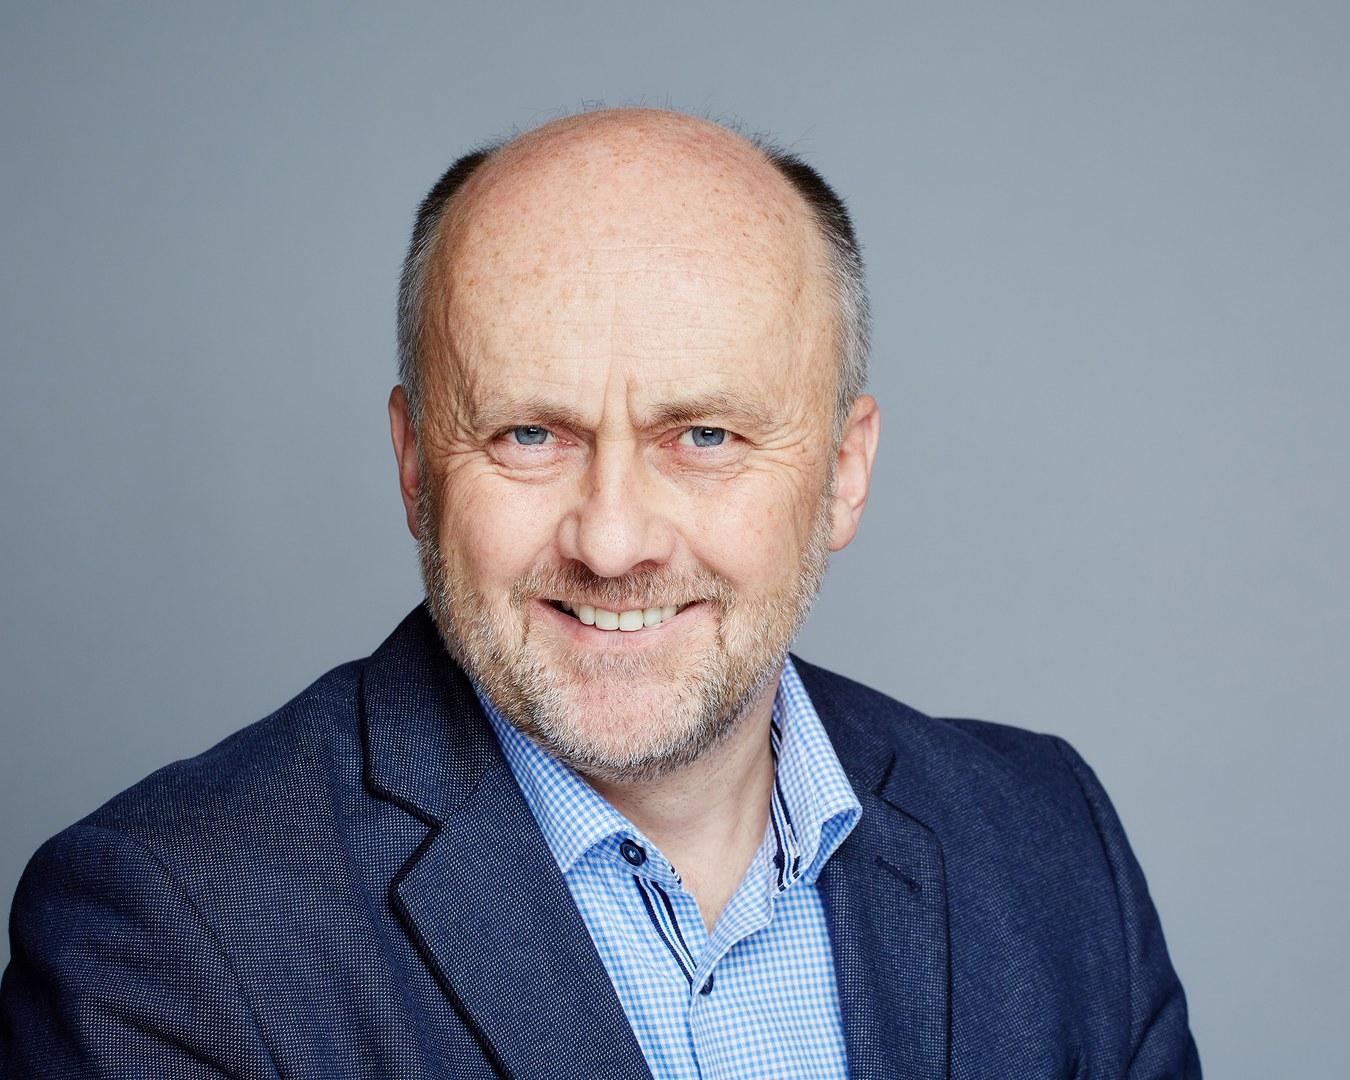 Prof. Dr. Karl-Theodor Sturm